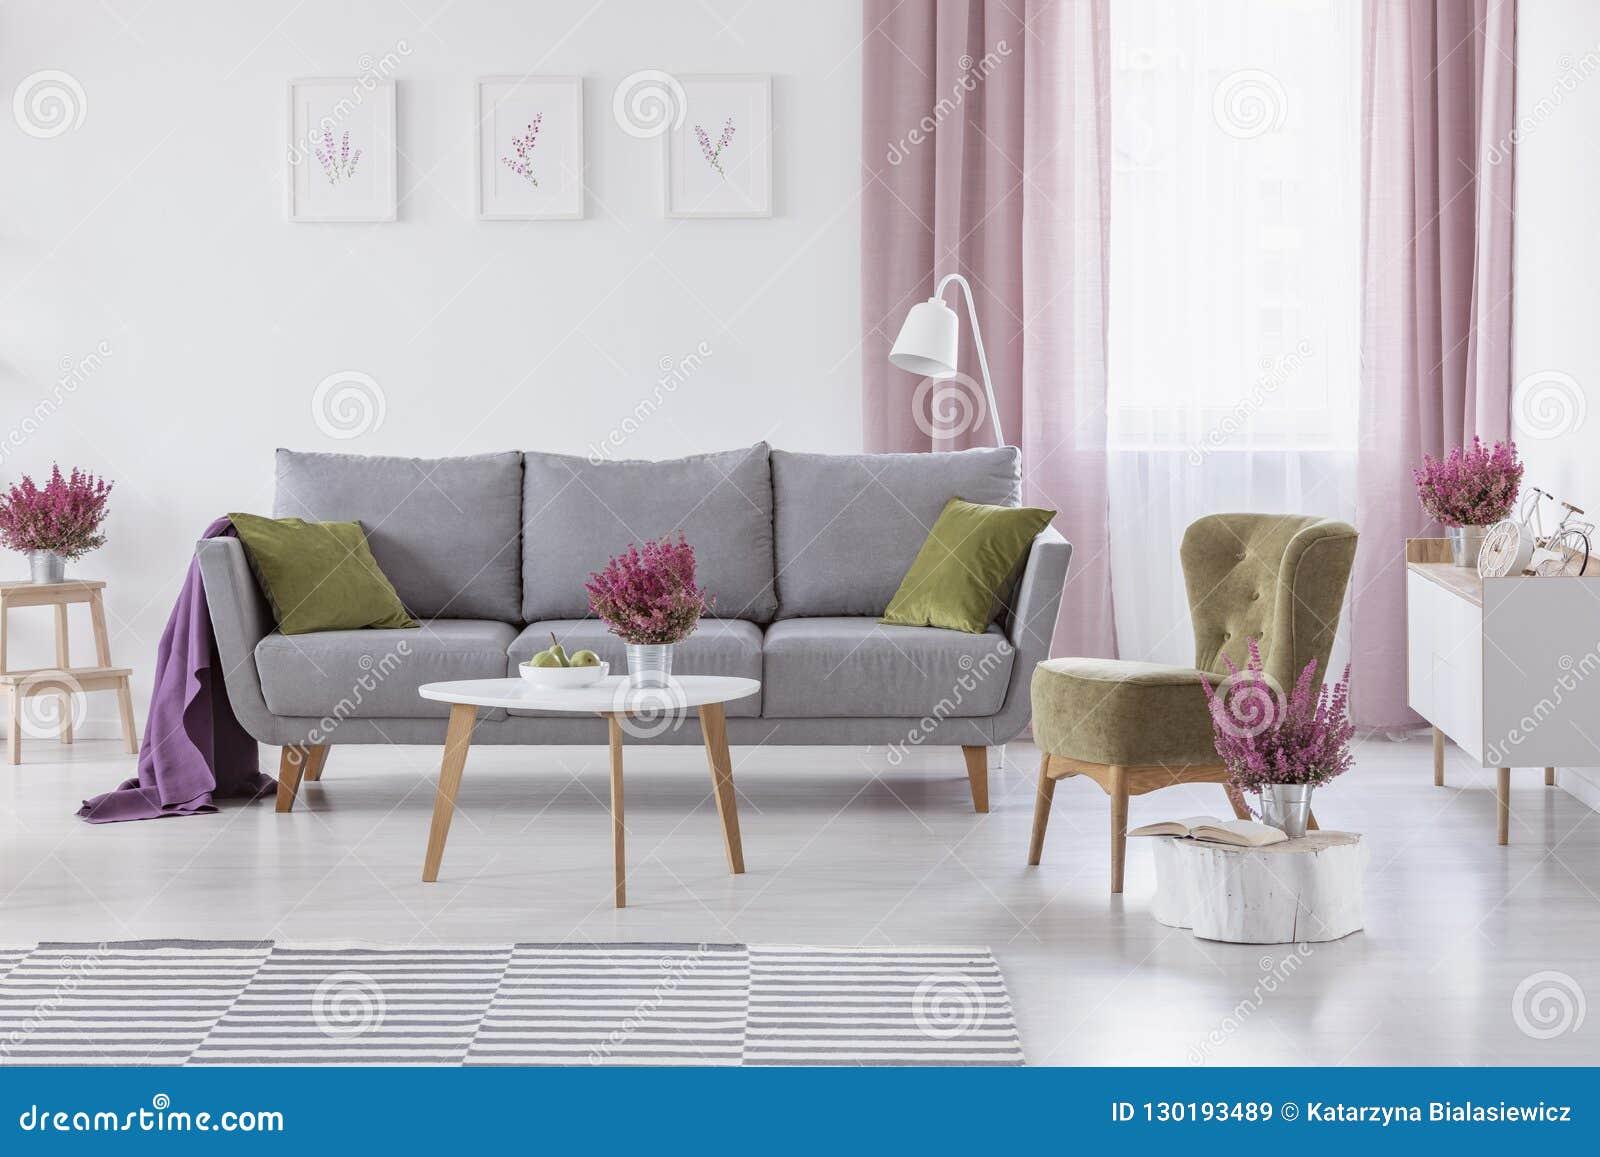 Divano Rosso E Grigio divano grigio con i cuscini verdi e coperta porpora in foto